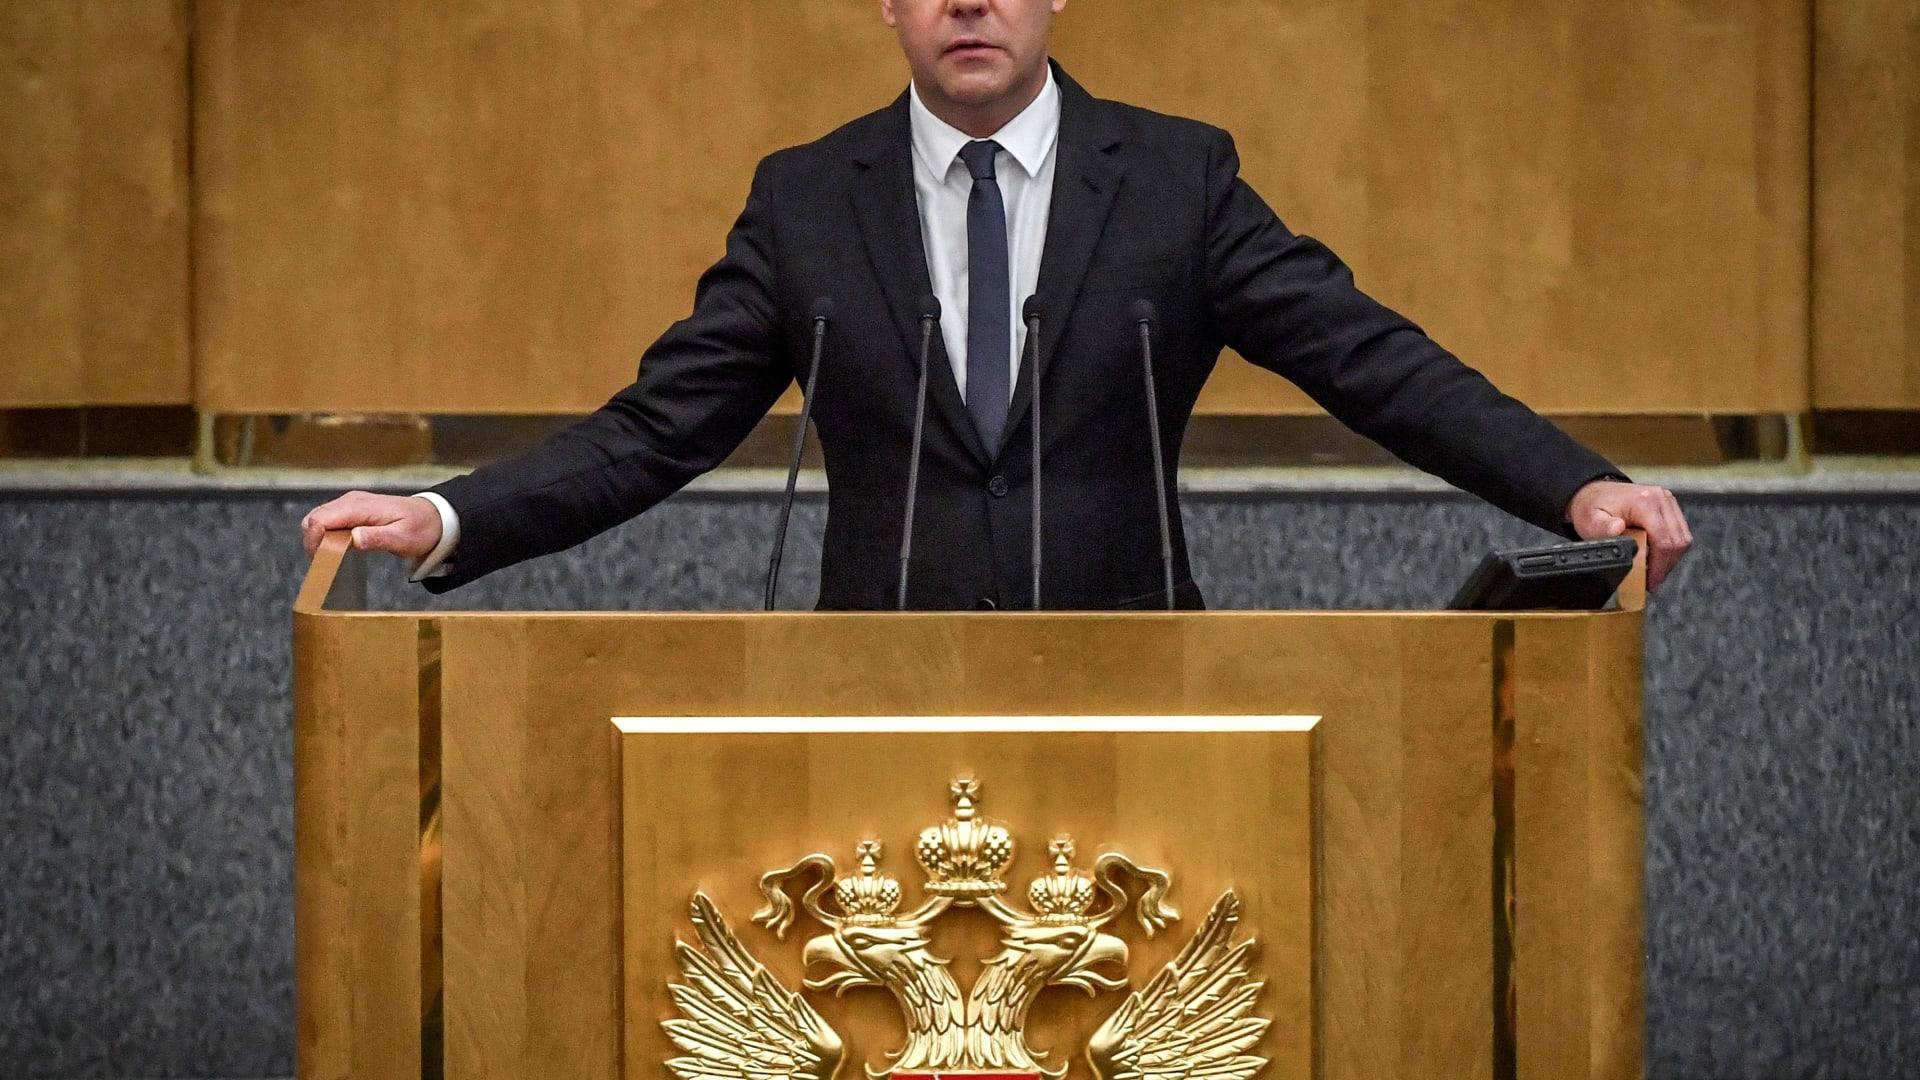 ميدفيديف يكشف سبب خفض استثمارات روسيا في السندات الأمريكية